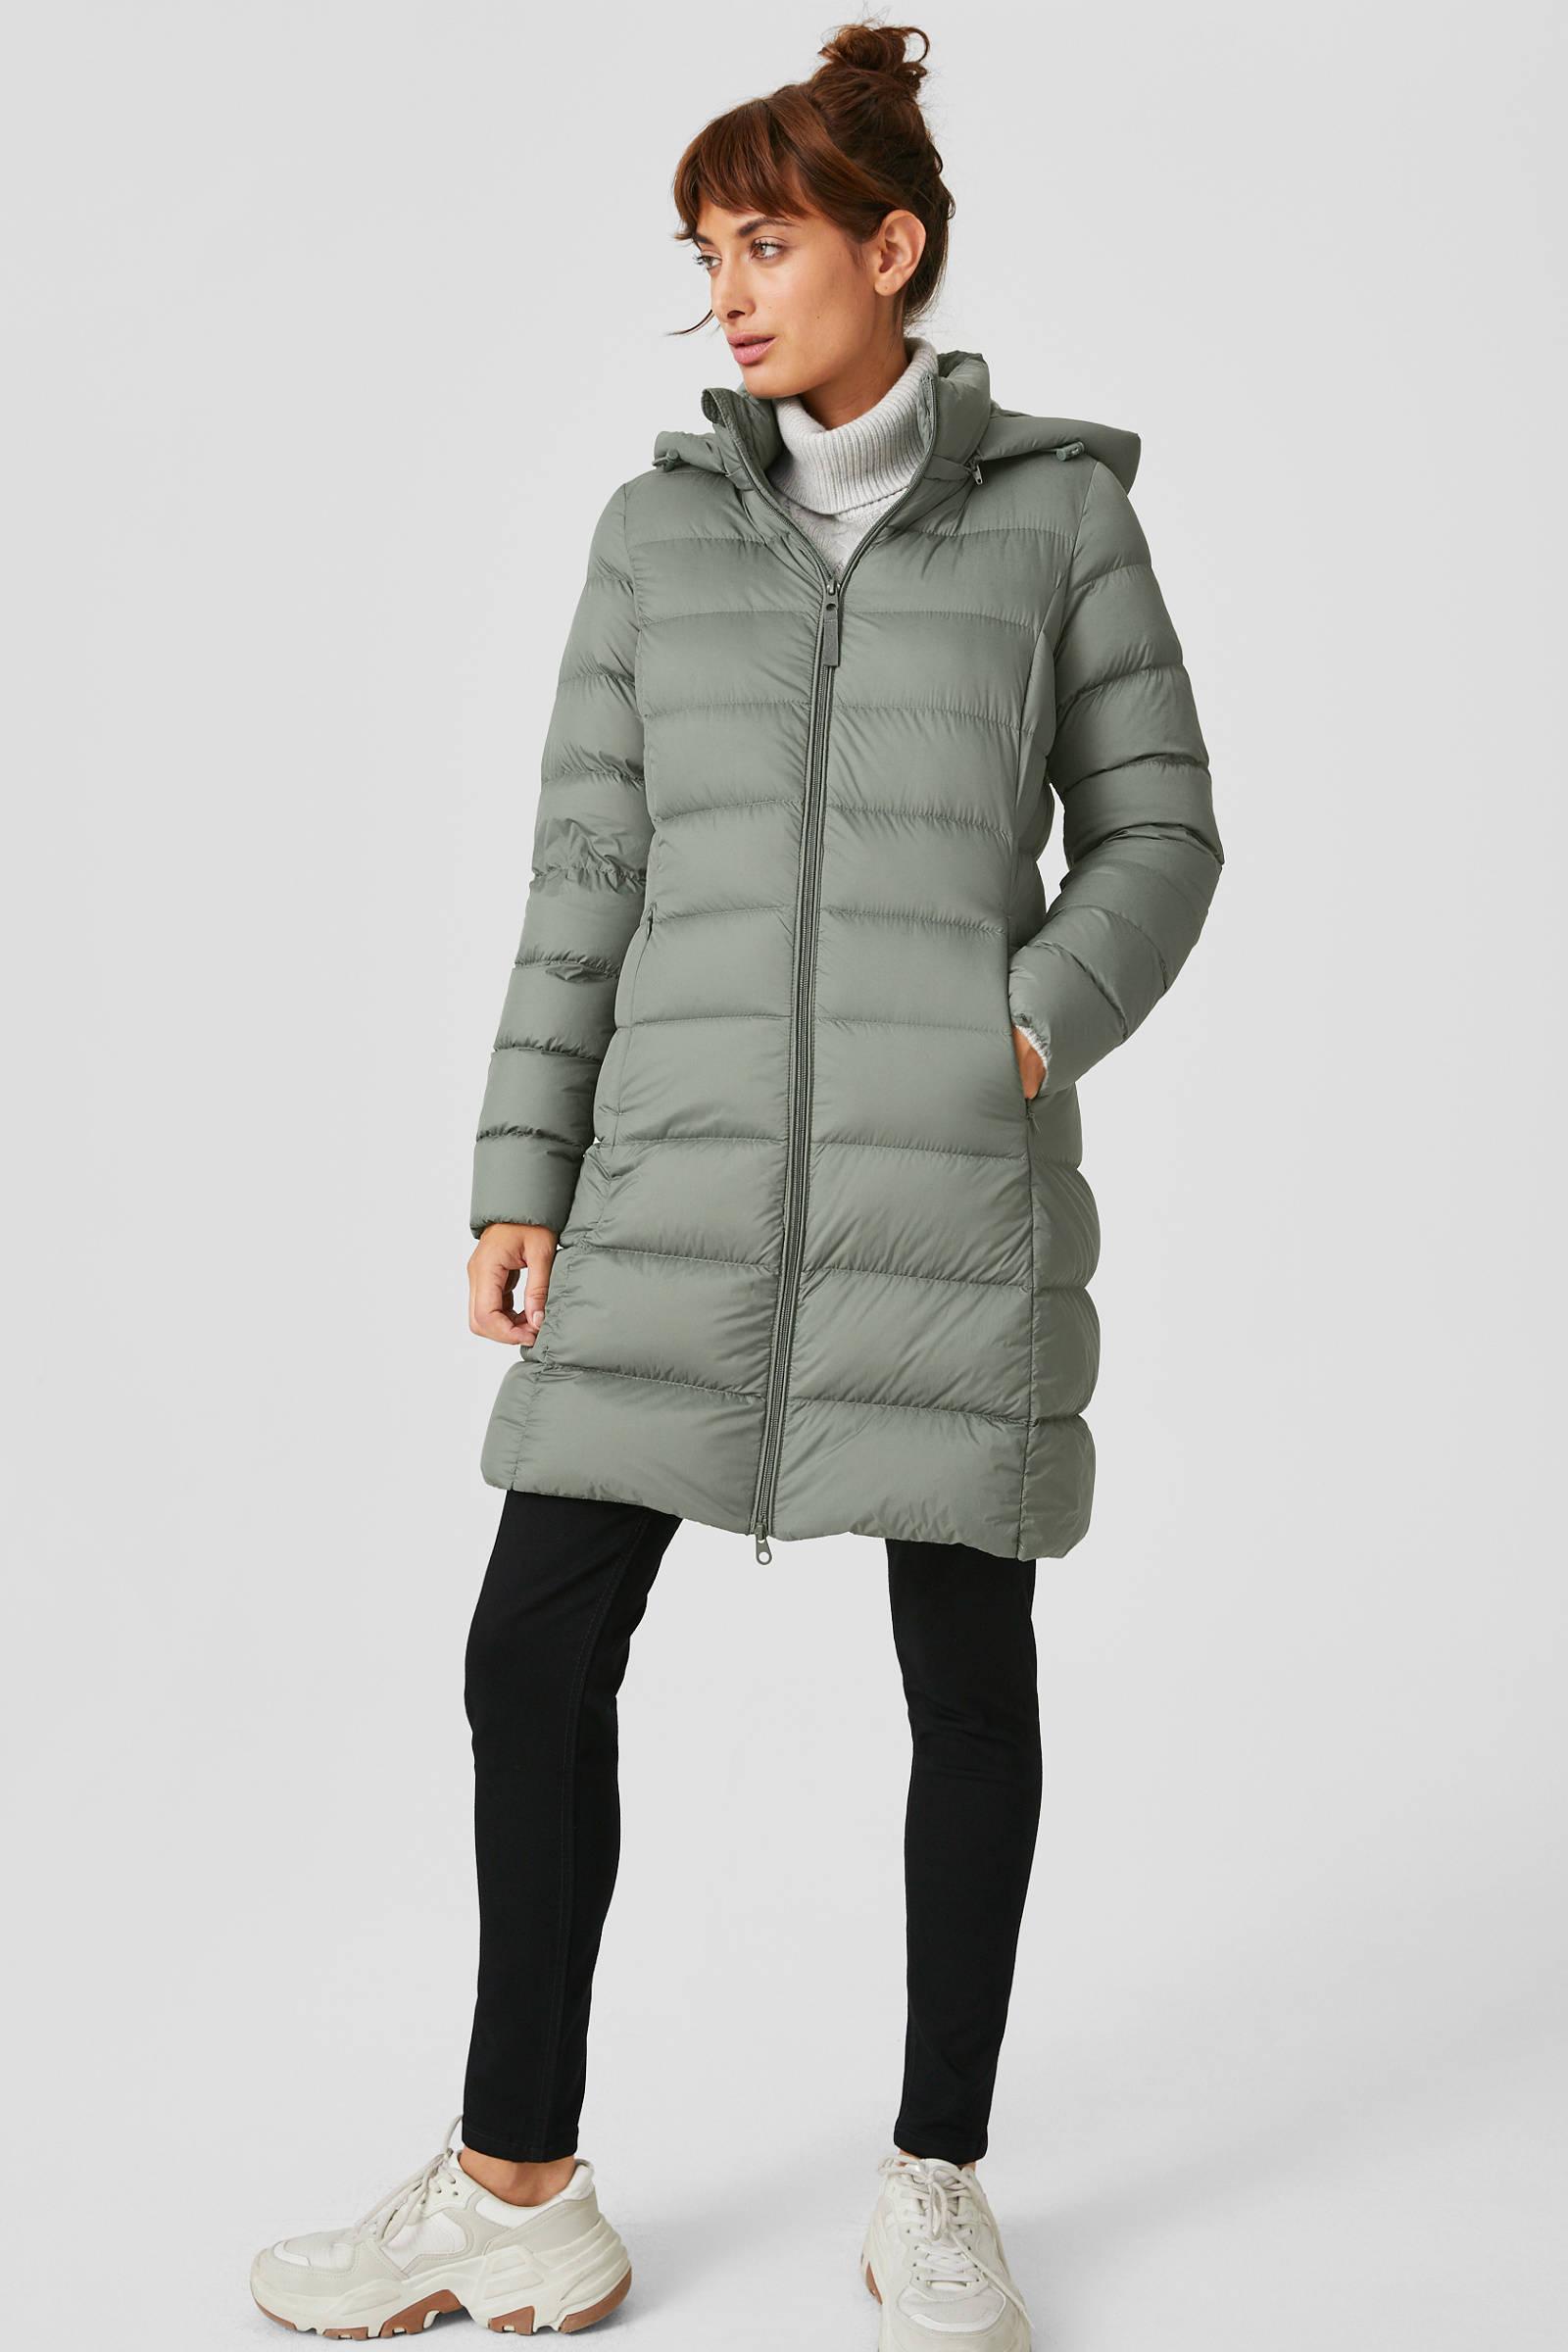 C&A The Outerwear gewatteerde jas groen | wehkamp